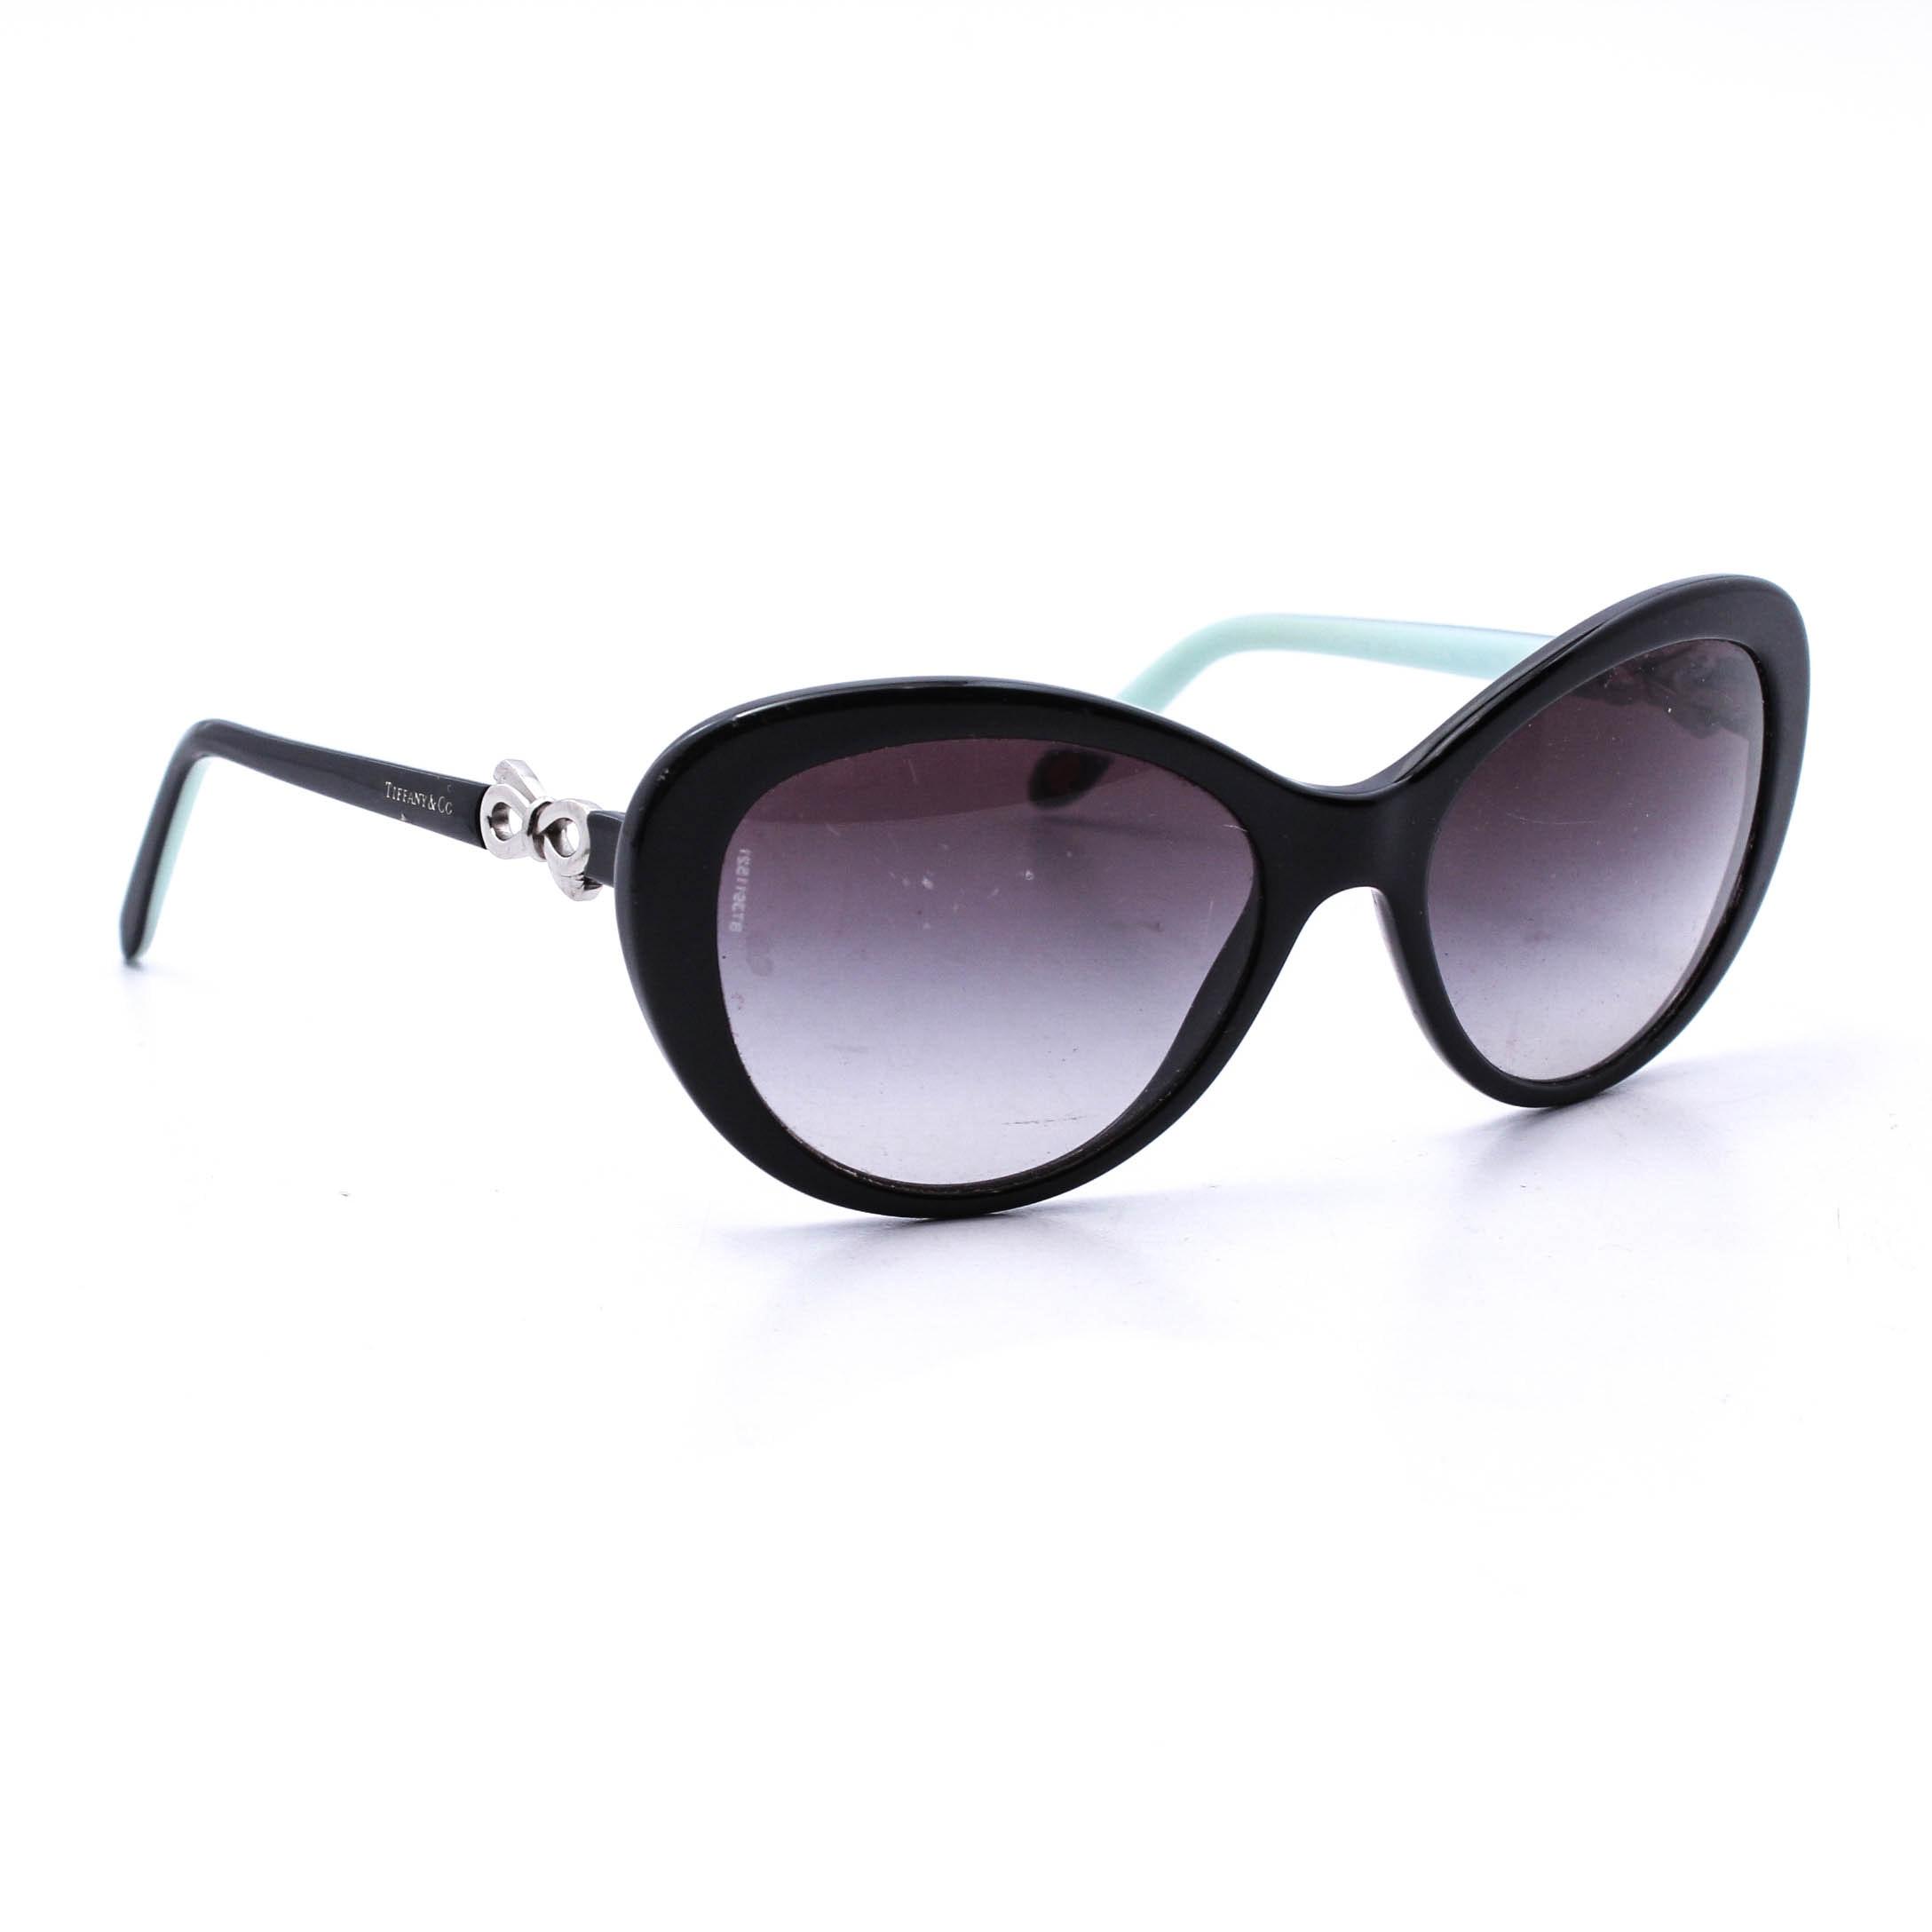 Tiffany & Co. Sunglasses, made in Italy